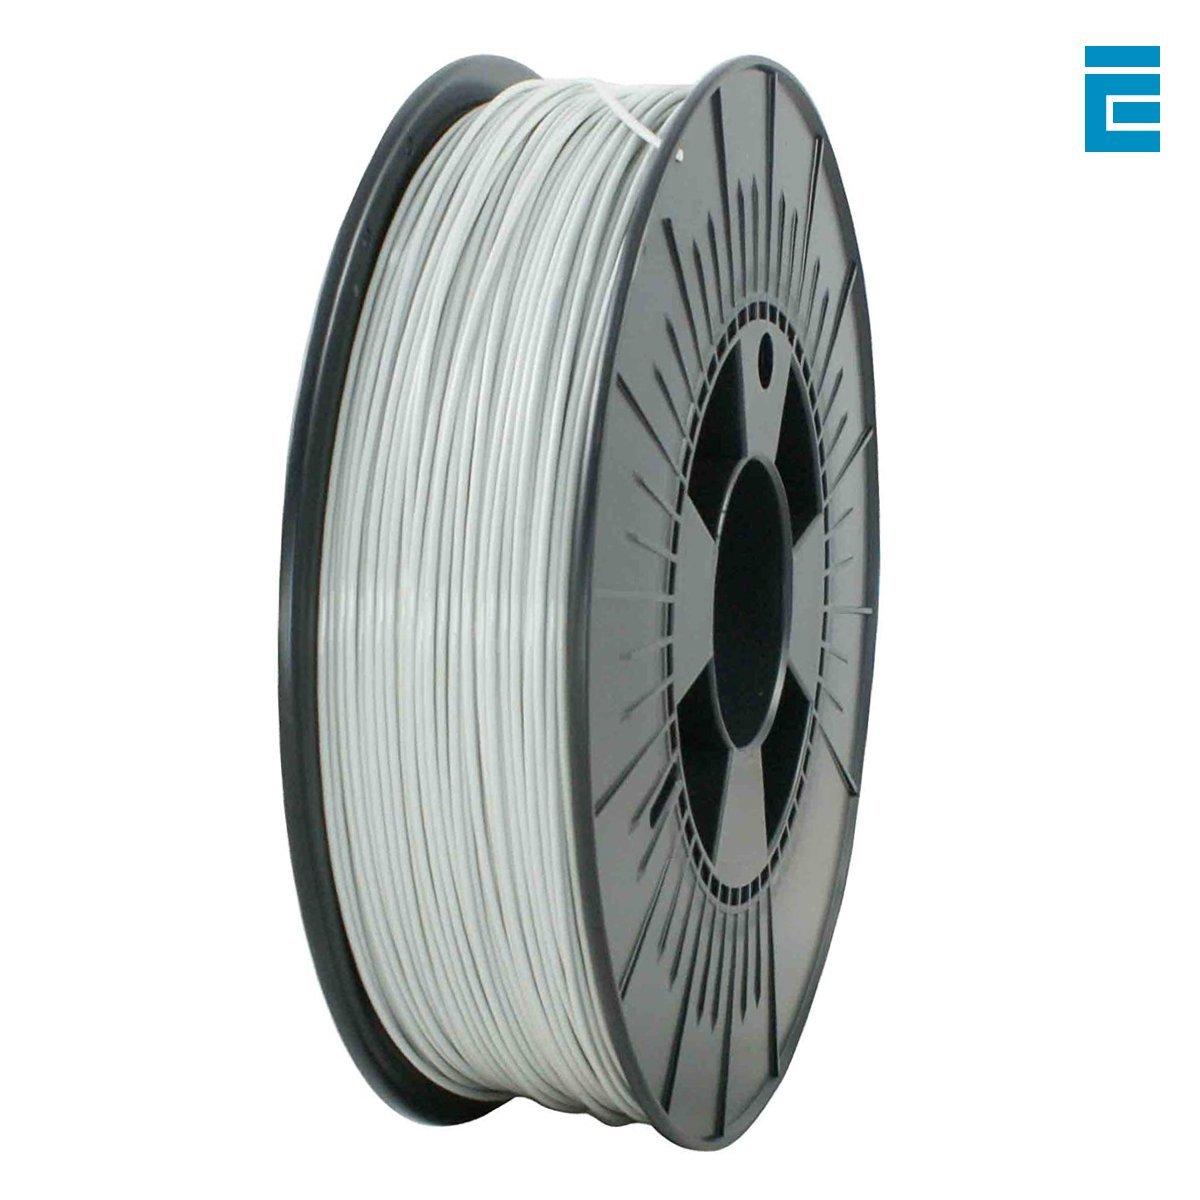 Filamento FiloAlfa 1.75mm PLA CONDUTTIVO ALFAOHM 150g